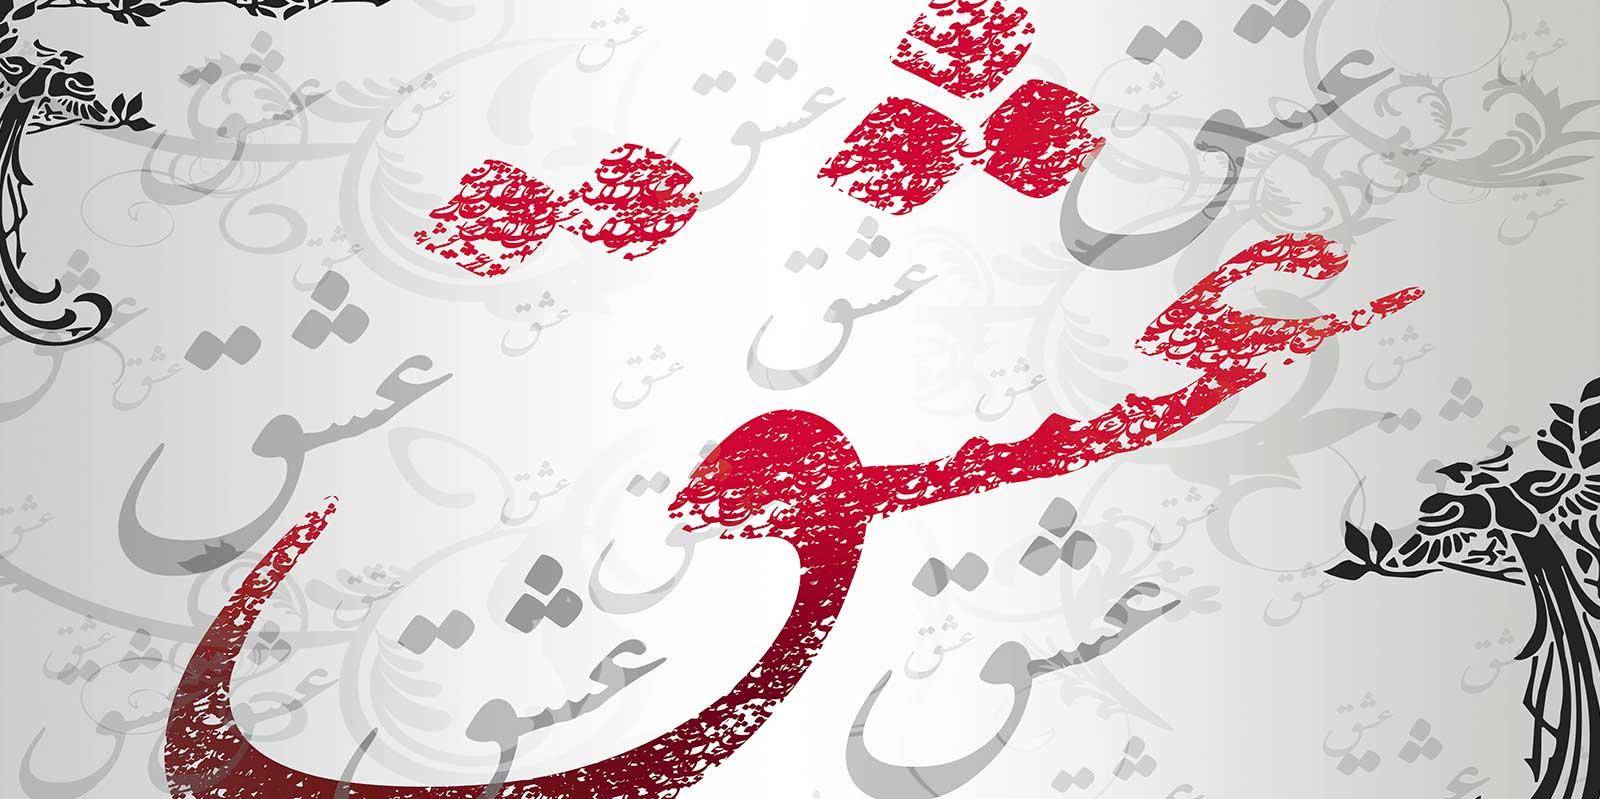 وجود عشق (مجموعه اشعار مسعود مردیها)